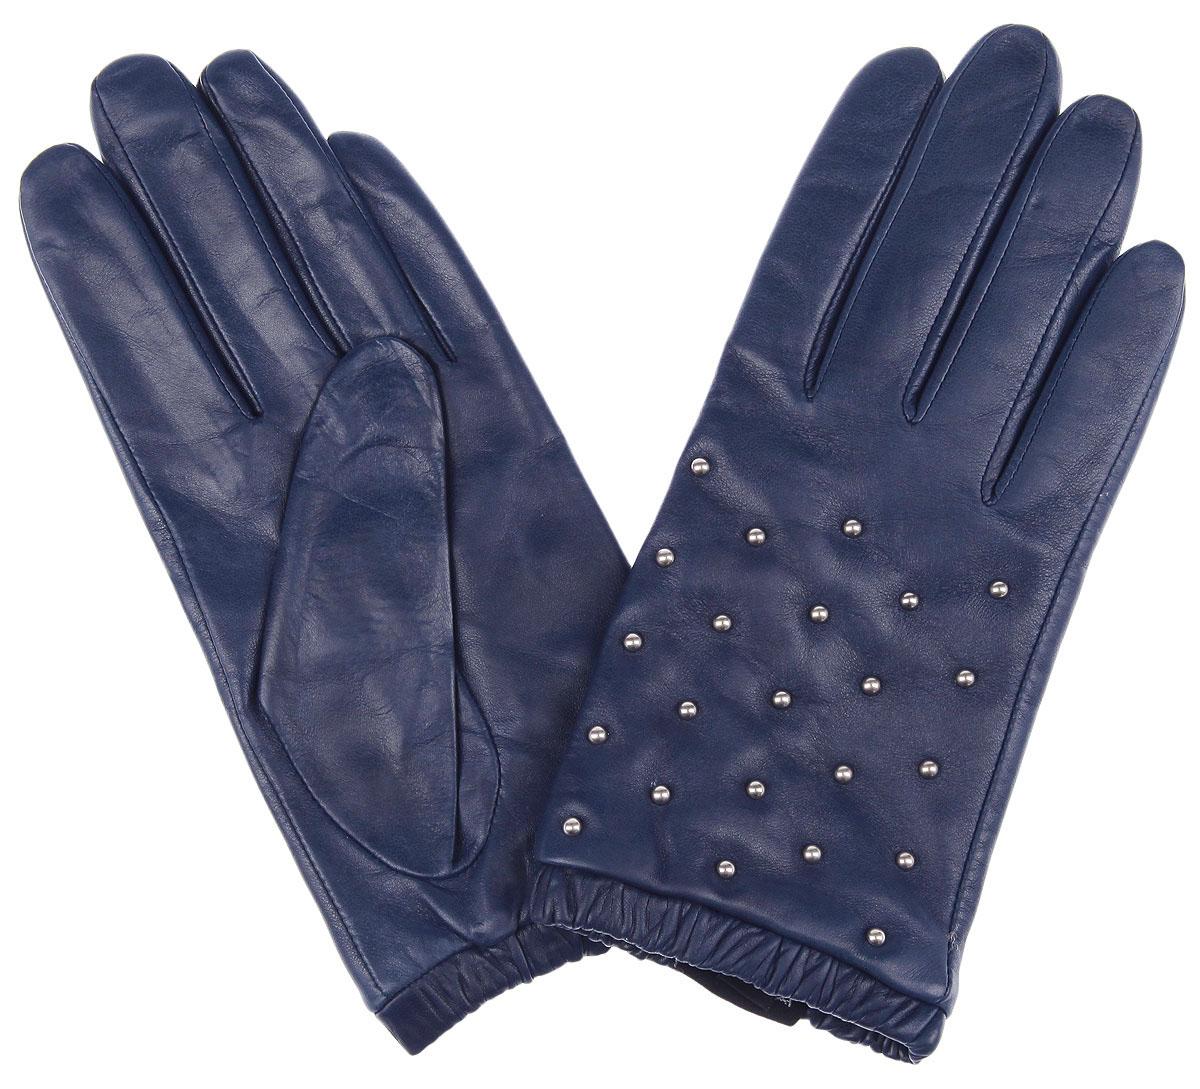 Перчатки2.65-1 blackМодные женские перчатки Fabretti выполнены из кожи эфиопского ягненка, а их подкладка - из шерсти с добавлением кашемира. Лицевая сторона украшена металлическими хольнитенами. Манжеты оснащены эластичными резинками для оптимальной посадки модели на руке. Перчатки станут завершающим и подчеркивающим элементом вашего стиля и неповторимости.